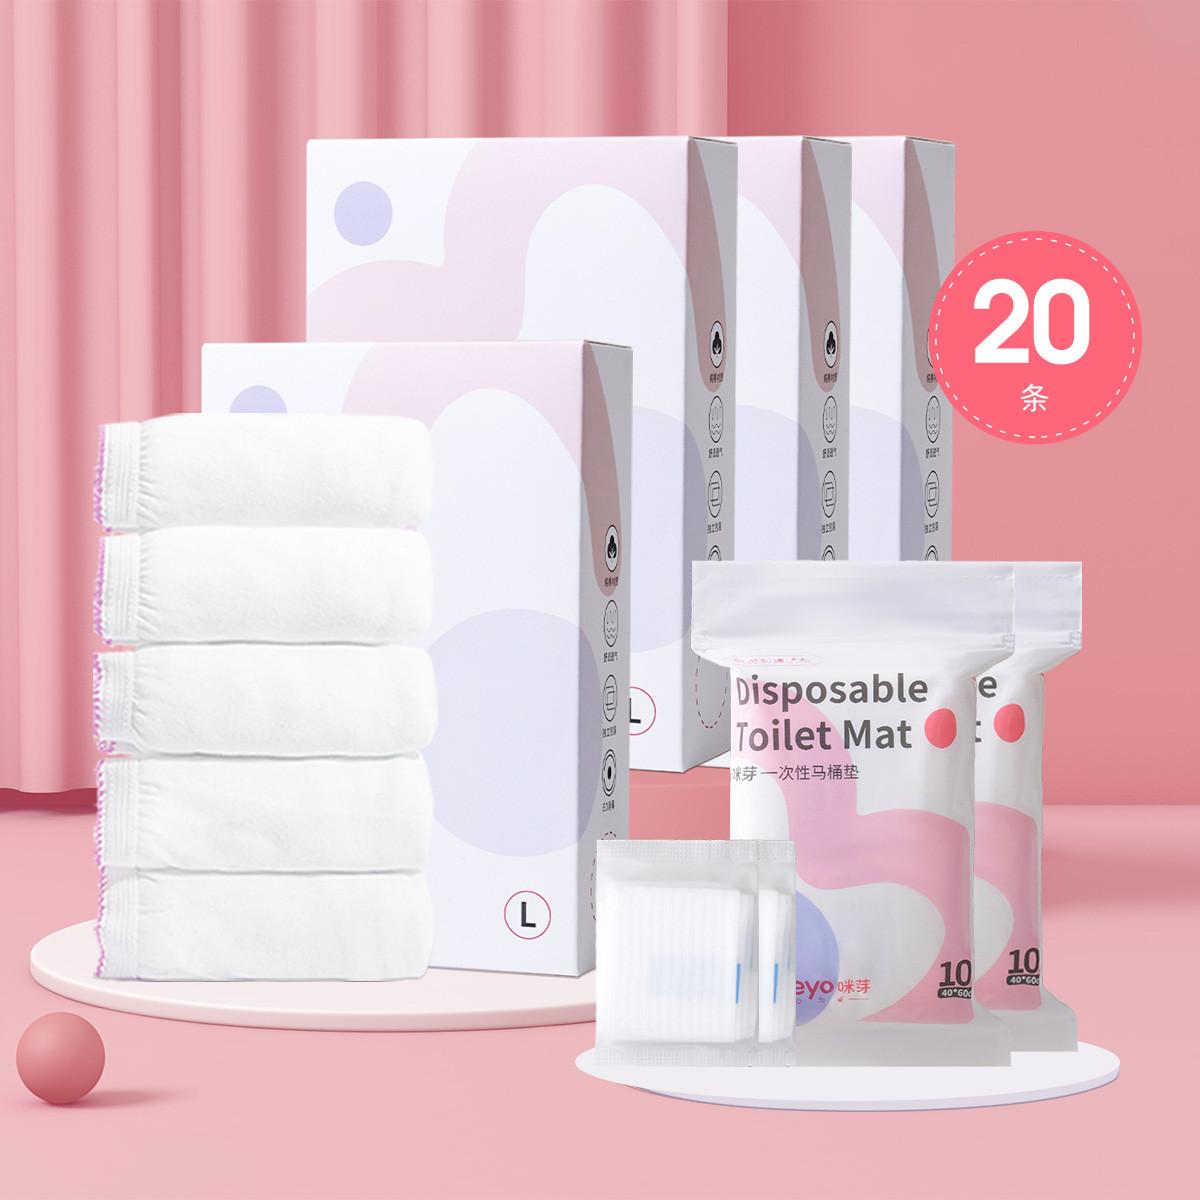 咪芽 【100%纯棉】一次性内裤20条装孕产妇待产后月子用品+20片马桶垫